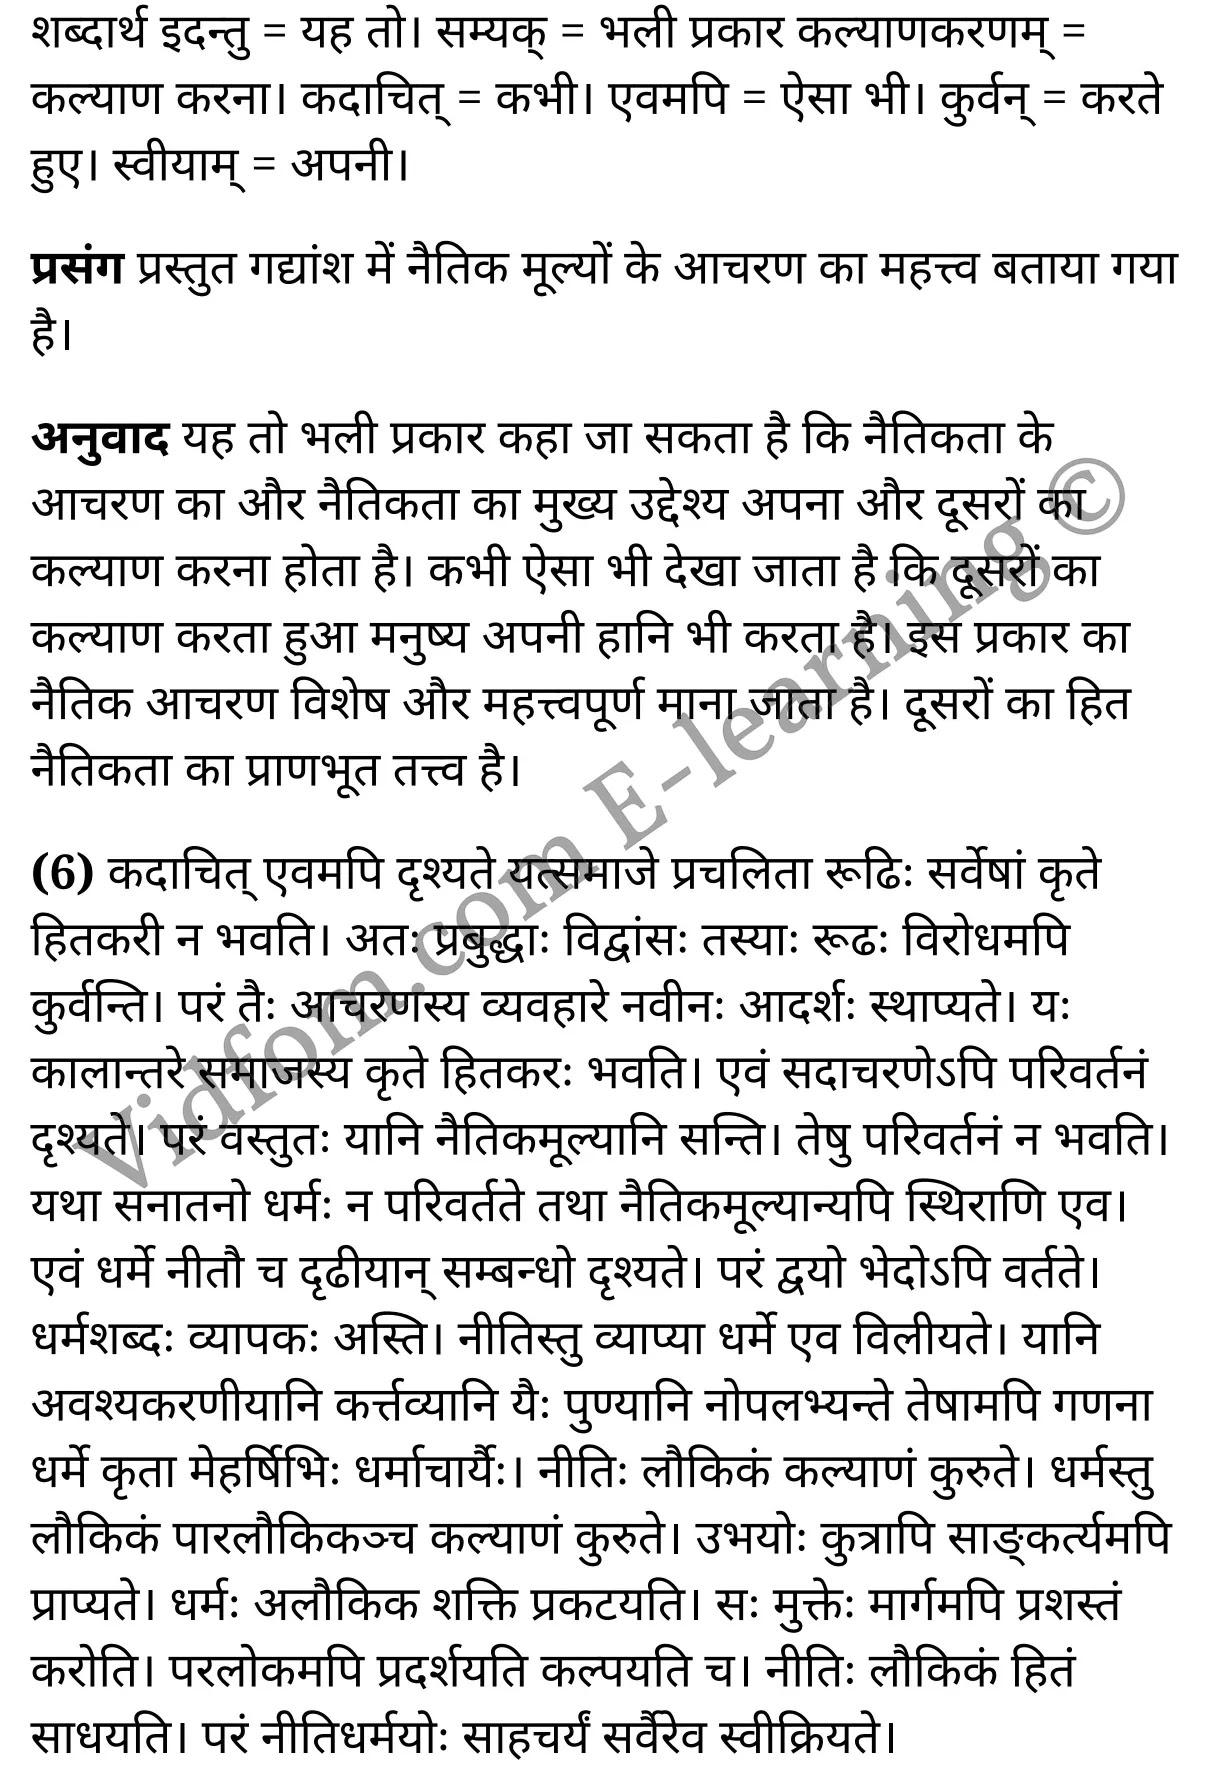 कक्षा 10 संस्कृत  के नोट्स  हिंदी में एनसीईआरटी समाधान,     class 10 sanskrit gadya bharathi Chapter 3,   class 10 sanskrit gadya bharathi Chapter 3 ncert solutions in Hindi,   class 10 sanskrit gadya bharathi Chapter 3 notes in hindi,   class 10 sanskrit gadya bharathi Chapter 3 question answer,   class 10 sanskrit gadya bharathi Chapter 3 notes,   class 10 sanskrit gadya bharathi Chapter 3 class 10 sanskrit gadya bharathi Chapter 3 in  hindi,    class 10 sanskrit gadya bharathi Chapter 3 important questions in  hindi,   class 10 sanskrit gadya bharathi Chapter 3 notes in hindi,    class 10 sanskrit gadya bharathi Chapter 3 test,   class 10 sanskrit gadya bharathi Chapter 3 pdf,   class 10 sanskrit gadya bharathi Chapter 3 notes pdf,   class 10 sanskrit gadya bharathi Chapter 3 exercise solutions,   class 10 sanskrit gadya bharathi Chapter 3 notes study rankers,   class 10 sanskrit gadya bharathi Chapter 3 notes,    class 10 sanskrit gadya bharathi Chapter 3  class 10  notes pdf,   class 10 sanskrit gadya bharathi Chapter 3 class 10  notes  ncert,   class 10 sanskrit gadya bharathi Chapter 3 class 10 pdf,   class 10 sanskrit gadya bharathi Chapter 3  book,   class 10 sanskrit gadya bharathi Chapter 3 quiz class 10  ,   कक्षा 10 नैतिकमूल्यानि,  कक्षा 10 नैतिकमूल्यानि  के नोट्स हिंदी में,  कक्षा 10 नैतिकमूल्यानि प्रश्न उत्तर,  कक्षा 10 नैतिकमूल्यानि के नोट्स,  10 कक्षा नैतिकमूल्यानि  हिंदी में, कक्षा 10 नैतिकमूल्यानि  हिंदी में,  कक्षा 10 नैतिकमूल्यानि  महत्वपूर्ण प्रश्न हिंदी में, कक्षा 10 संस्कृत के नोट्स  हिंदी में, नैतिकमूल्यानि हिंदी में कक्षा 10 नोट्स pdf,    नैतिकमूल्यानि हिंदी में  कक्षा 10 नोट्स 3031 ncert,   नैतिकमूल्यानि हिंदी  कक्षा 10 pdf,   नैतिकमूल्यानि हिंदी में  पुस्तक,   नैतिकमूल्यानि हिंदी में की बुक,   नैतिकमूल्यानि हिंदी में  प्रश्नोत्तरी class 10 ,  10   वीं नैतिकमूल्यानि  पुस्तक up board,   बिहार बोर्ड 10  पुस्तक वीं नैतिकमूल्यानि नोट्स,    नैतिकमूल्यानि  कक्षा 10 नोट्स 3031 ncert,   नैतिकमूल्यानि  कक्षा 10 pdf,   नैतिकमूल्यानि  पुस्तक,   नैतिक